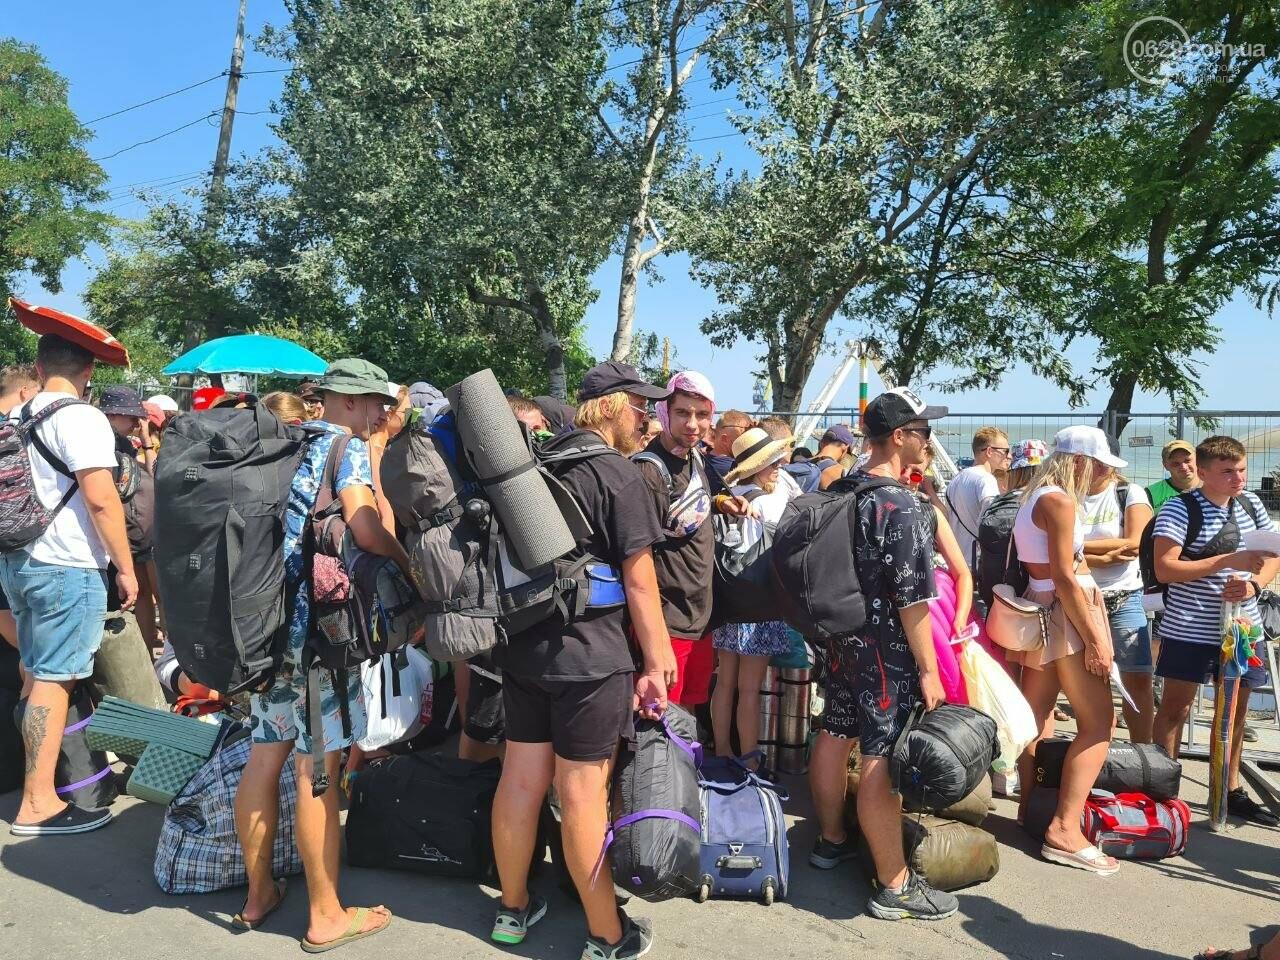 За два часа до фестиваля. Что сейчас происходит в поселке Песчаный, - ФОТО, ВИДЕО, фото-17